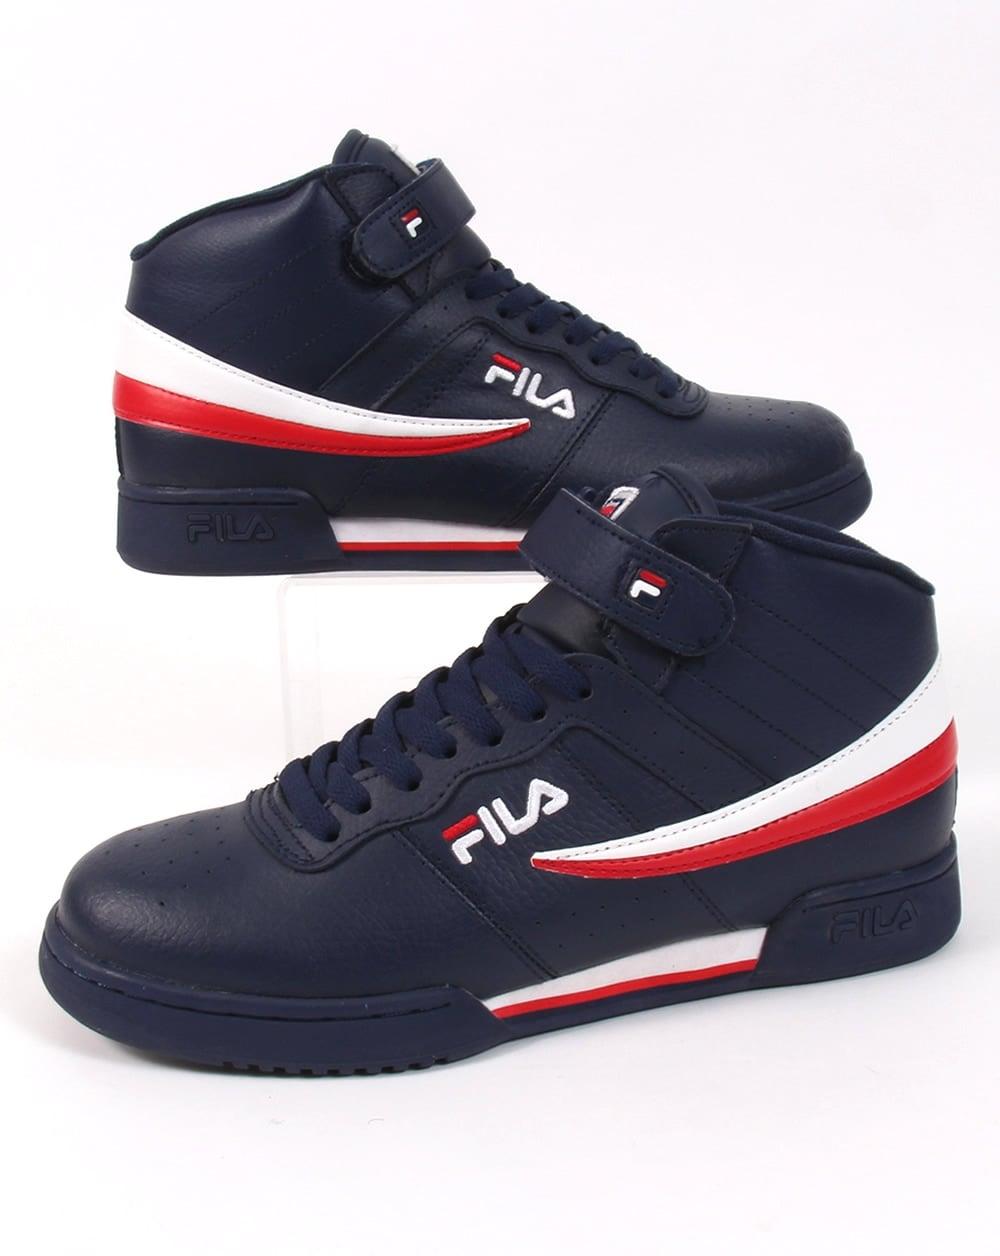 fila high neck shoes \u003e Clearance shop